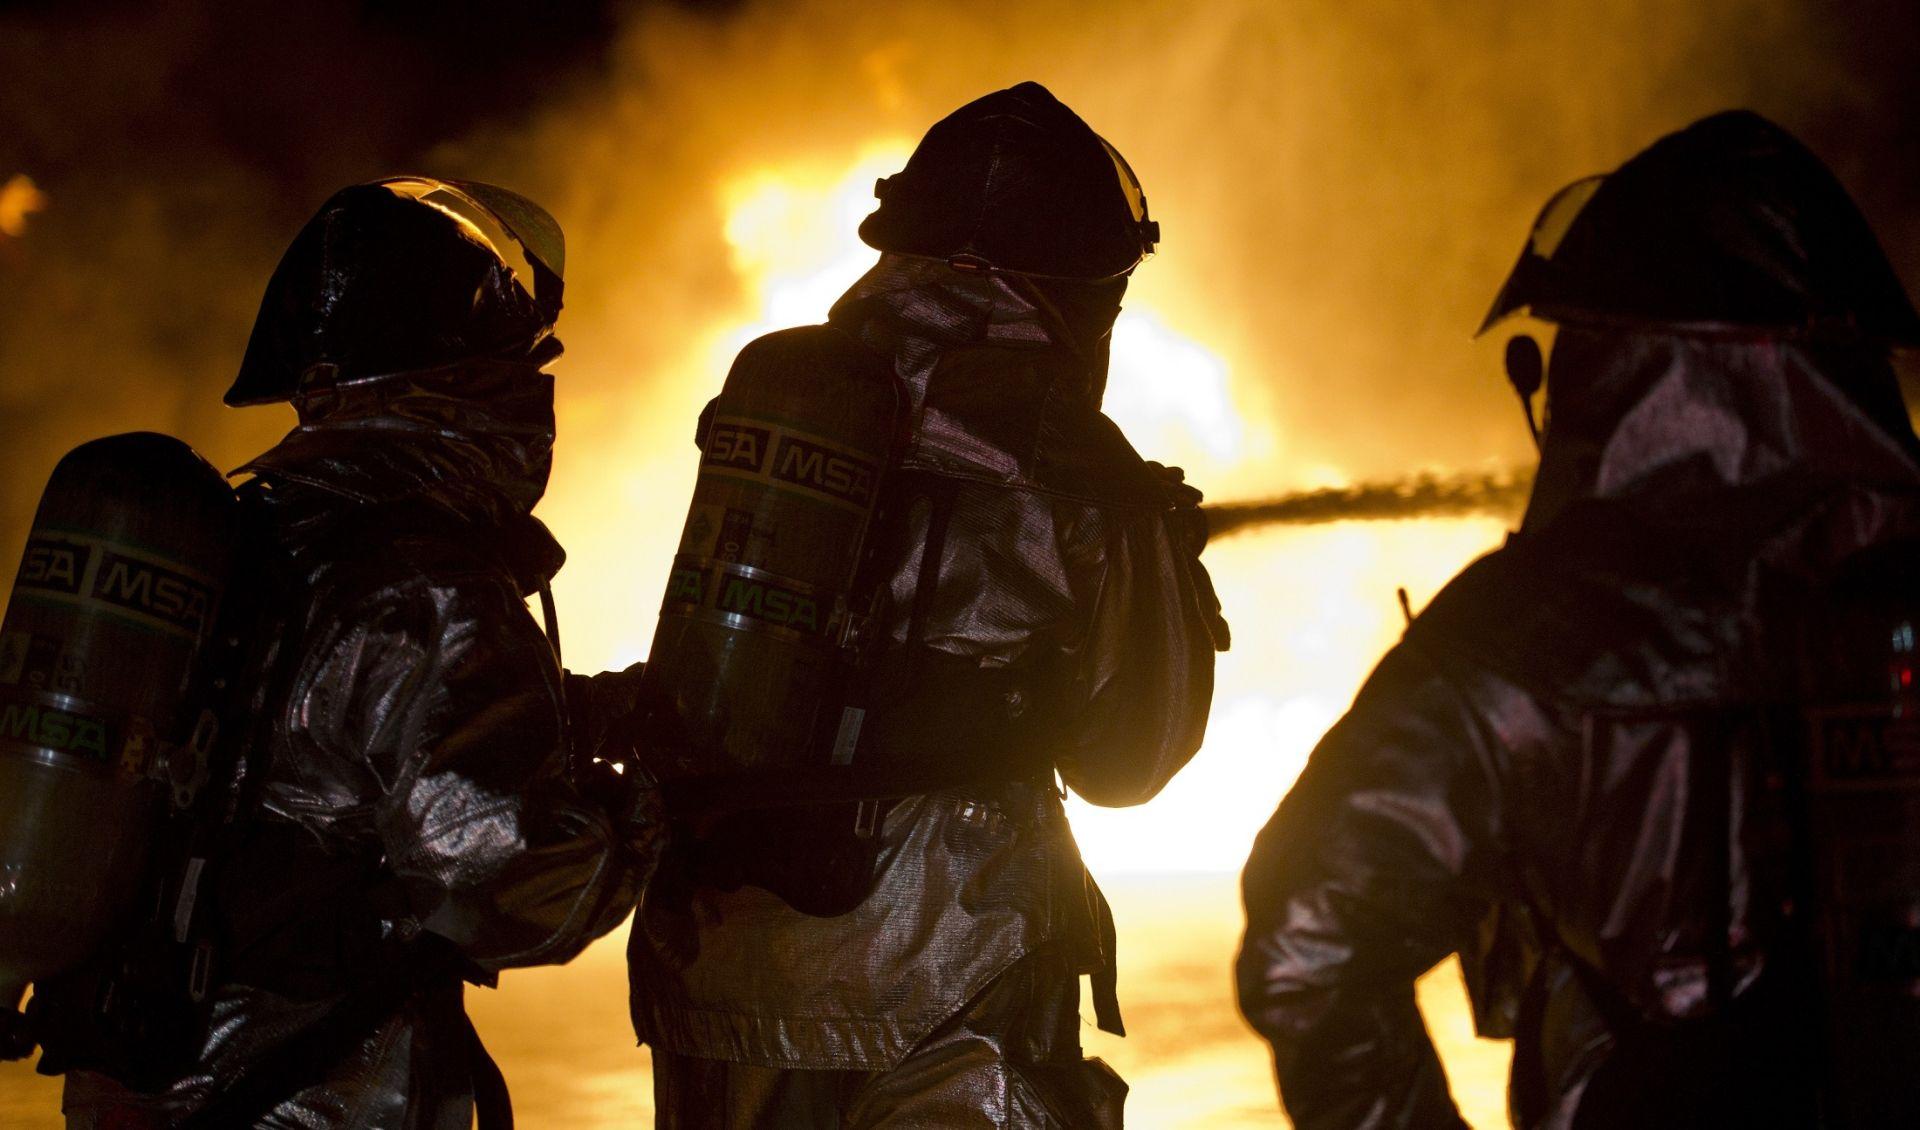 TRAGEDIJA NA PROSLAVI ROĐENDANA Najmanje 13 poginulih u požaru u Francuskoj